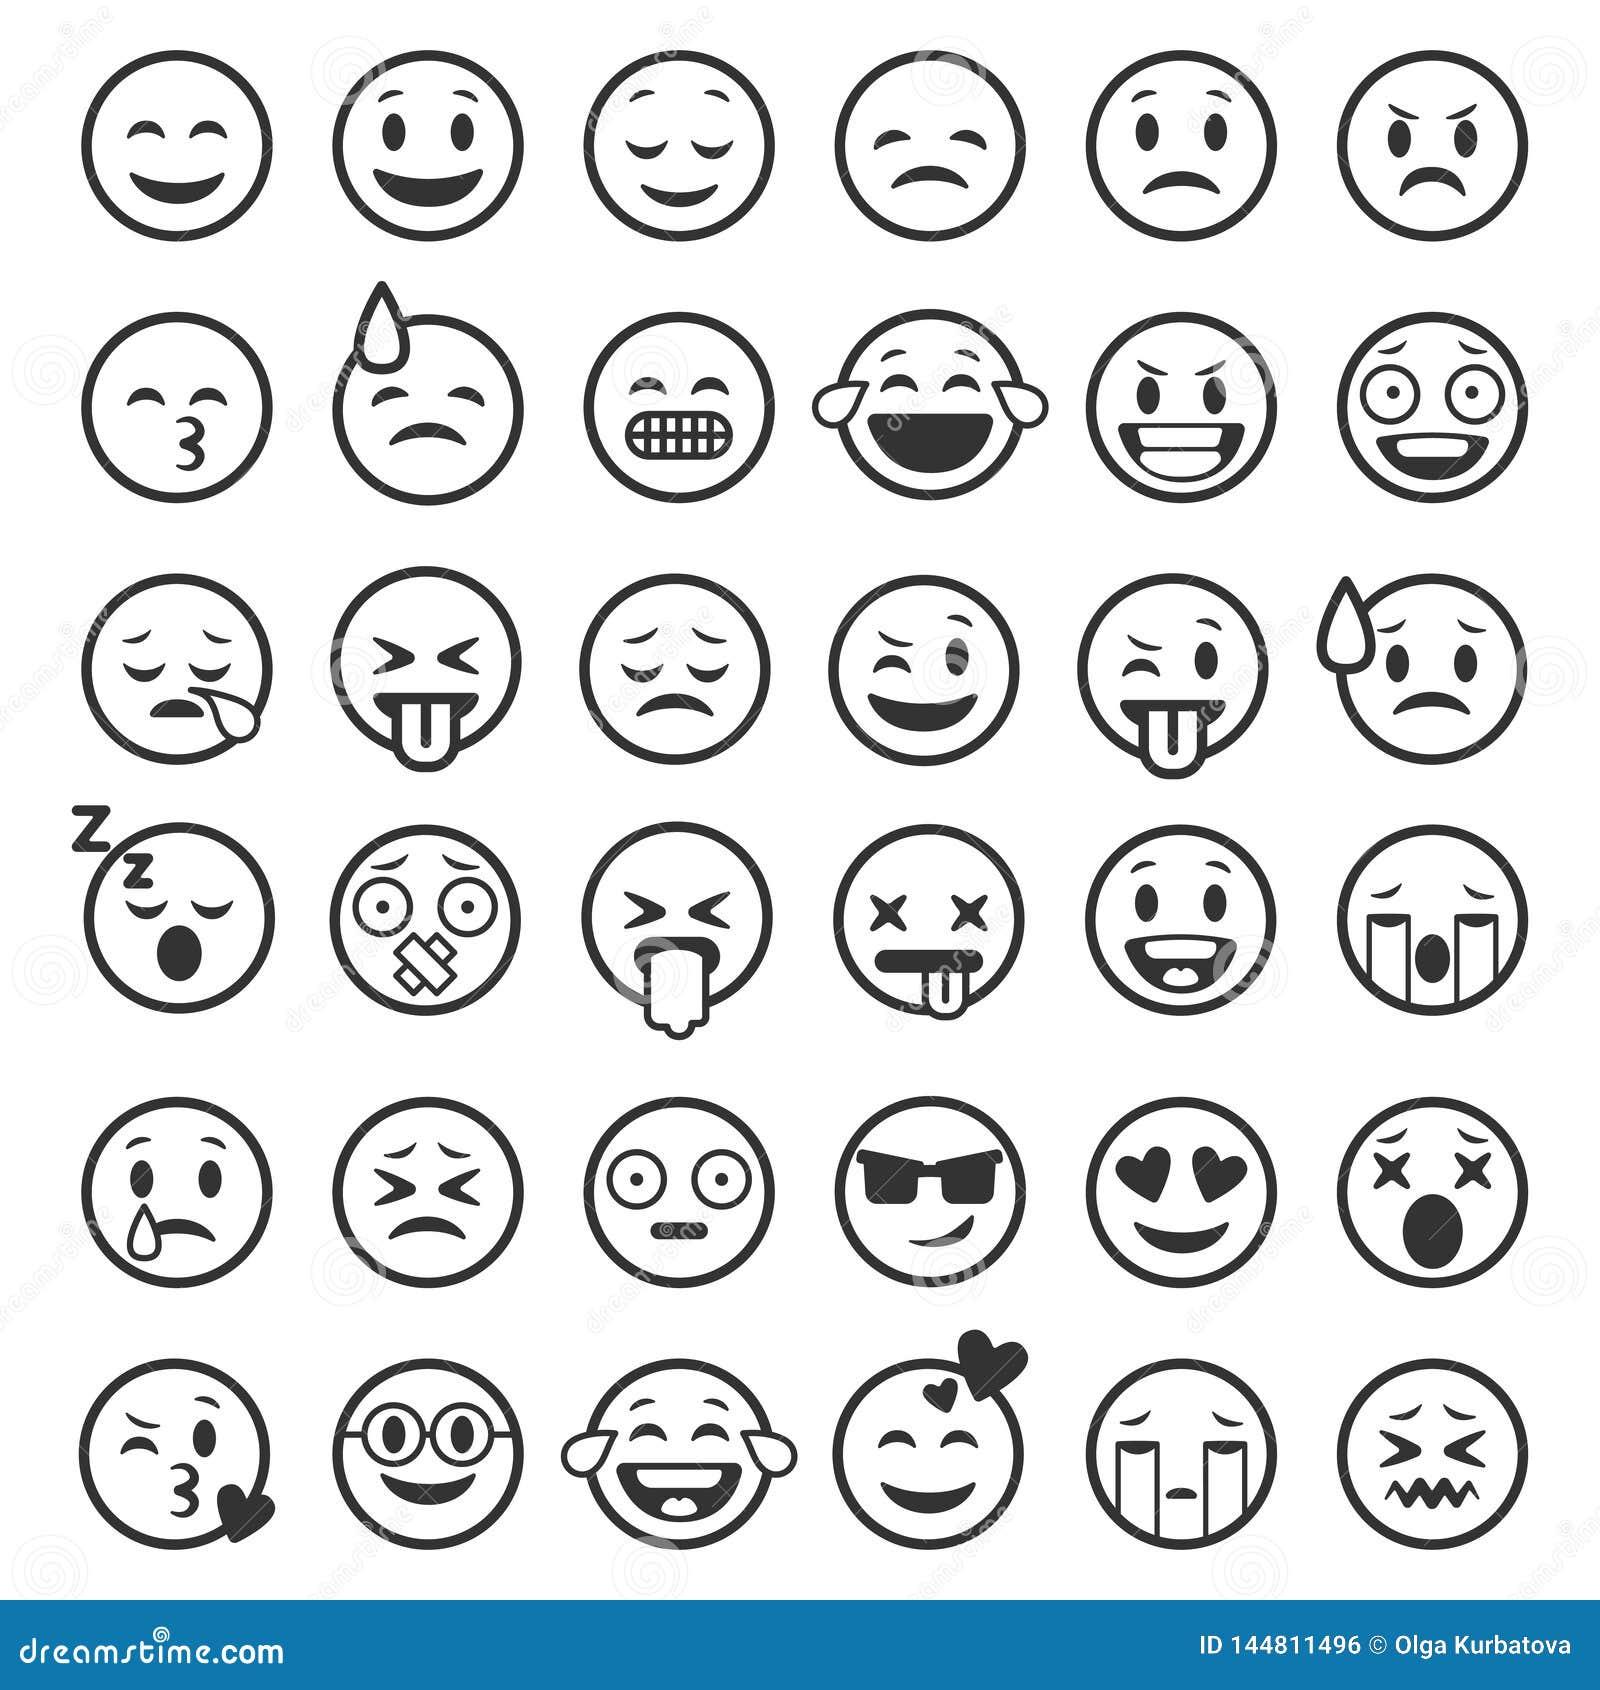 Esquema de los Emoticons Emoji hace frente a la l?nea divertida humor facial sonriente de la sonrisa del emoticon del humor de la